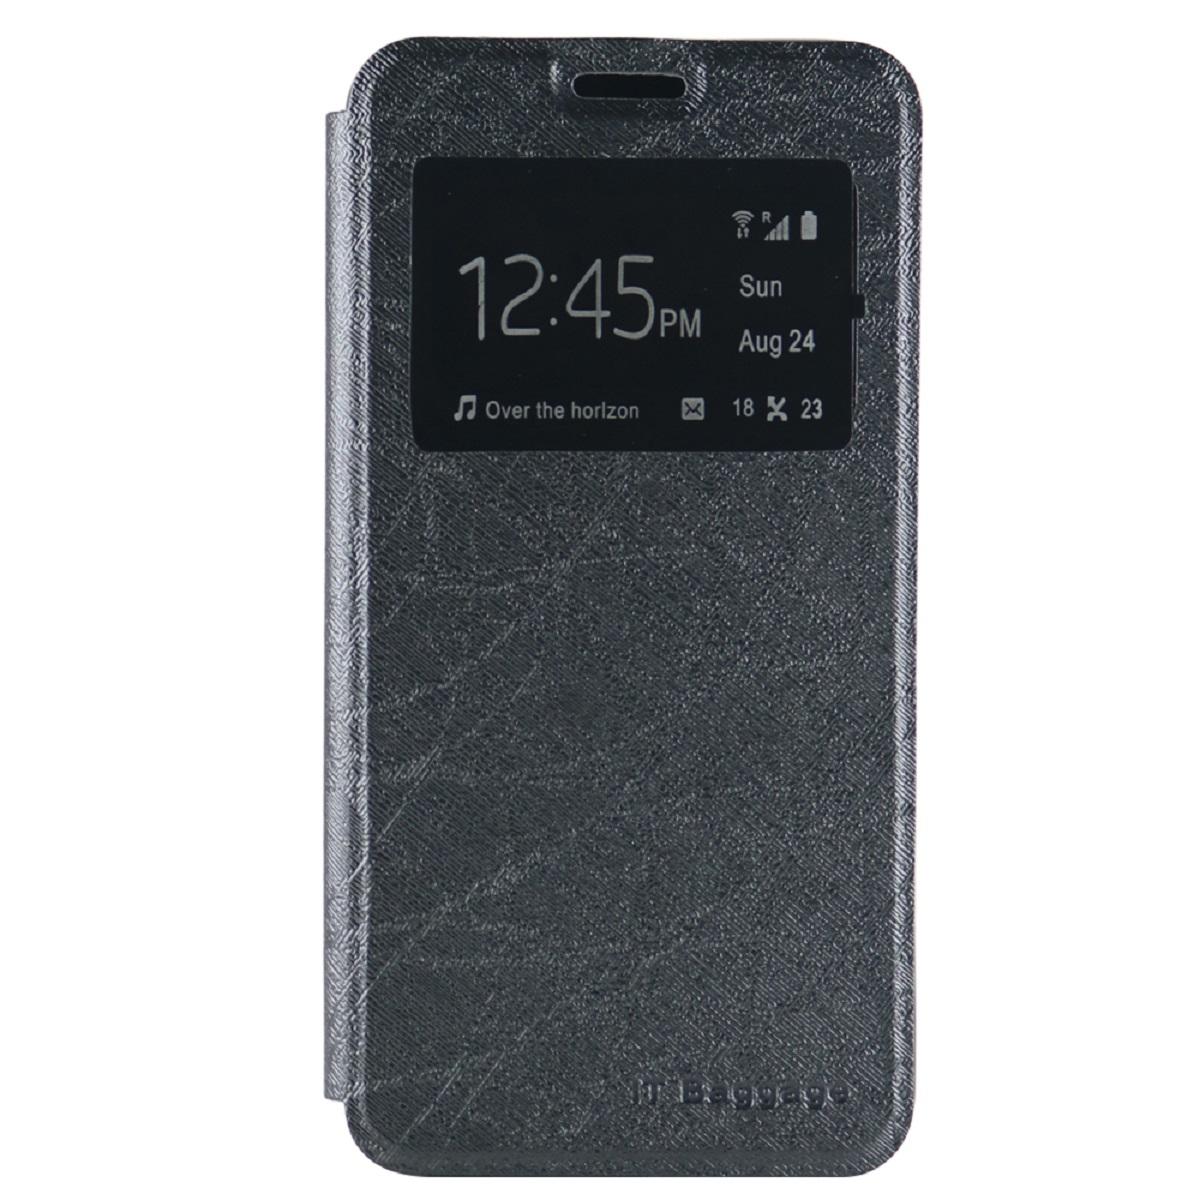 IT Baggage чехол для Meizu M3 Note, BlackITMZM3N-1Чехол IT Baggage для Meizu M3 Note надежно защищает смартфон от случайных ударов и царапин, а также от внешних воздействий, грязи, пыли и брызг. Крышка может использоваться как подставка под устройство. Чехол обеспечивает свободный доступ ко всем функциональным кнопкам смартфона и камере. Окошко на лицевой стороне позволяет просматривать предупреждения, сообщения и время, не доставая телефон из чехла.